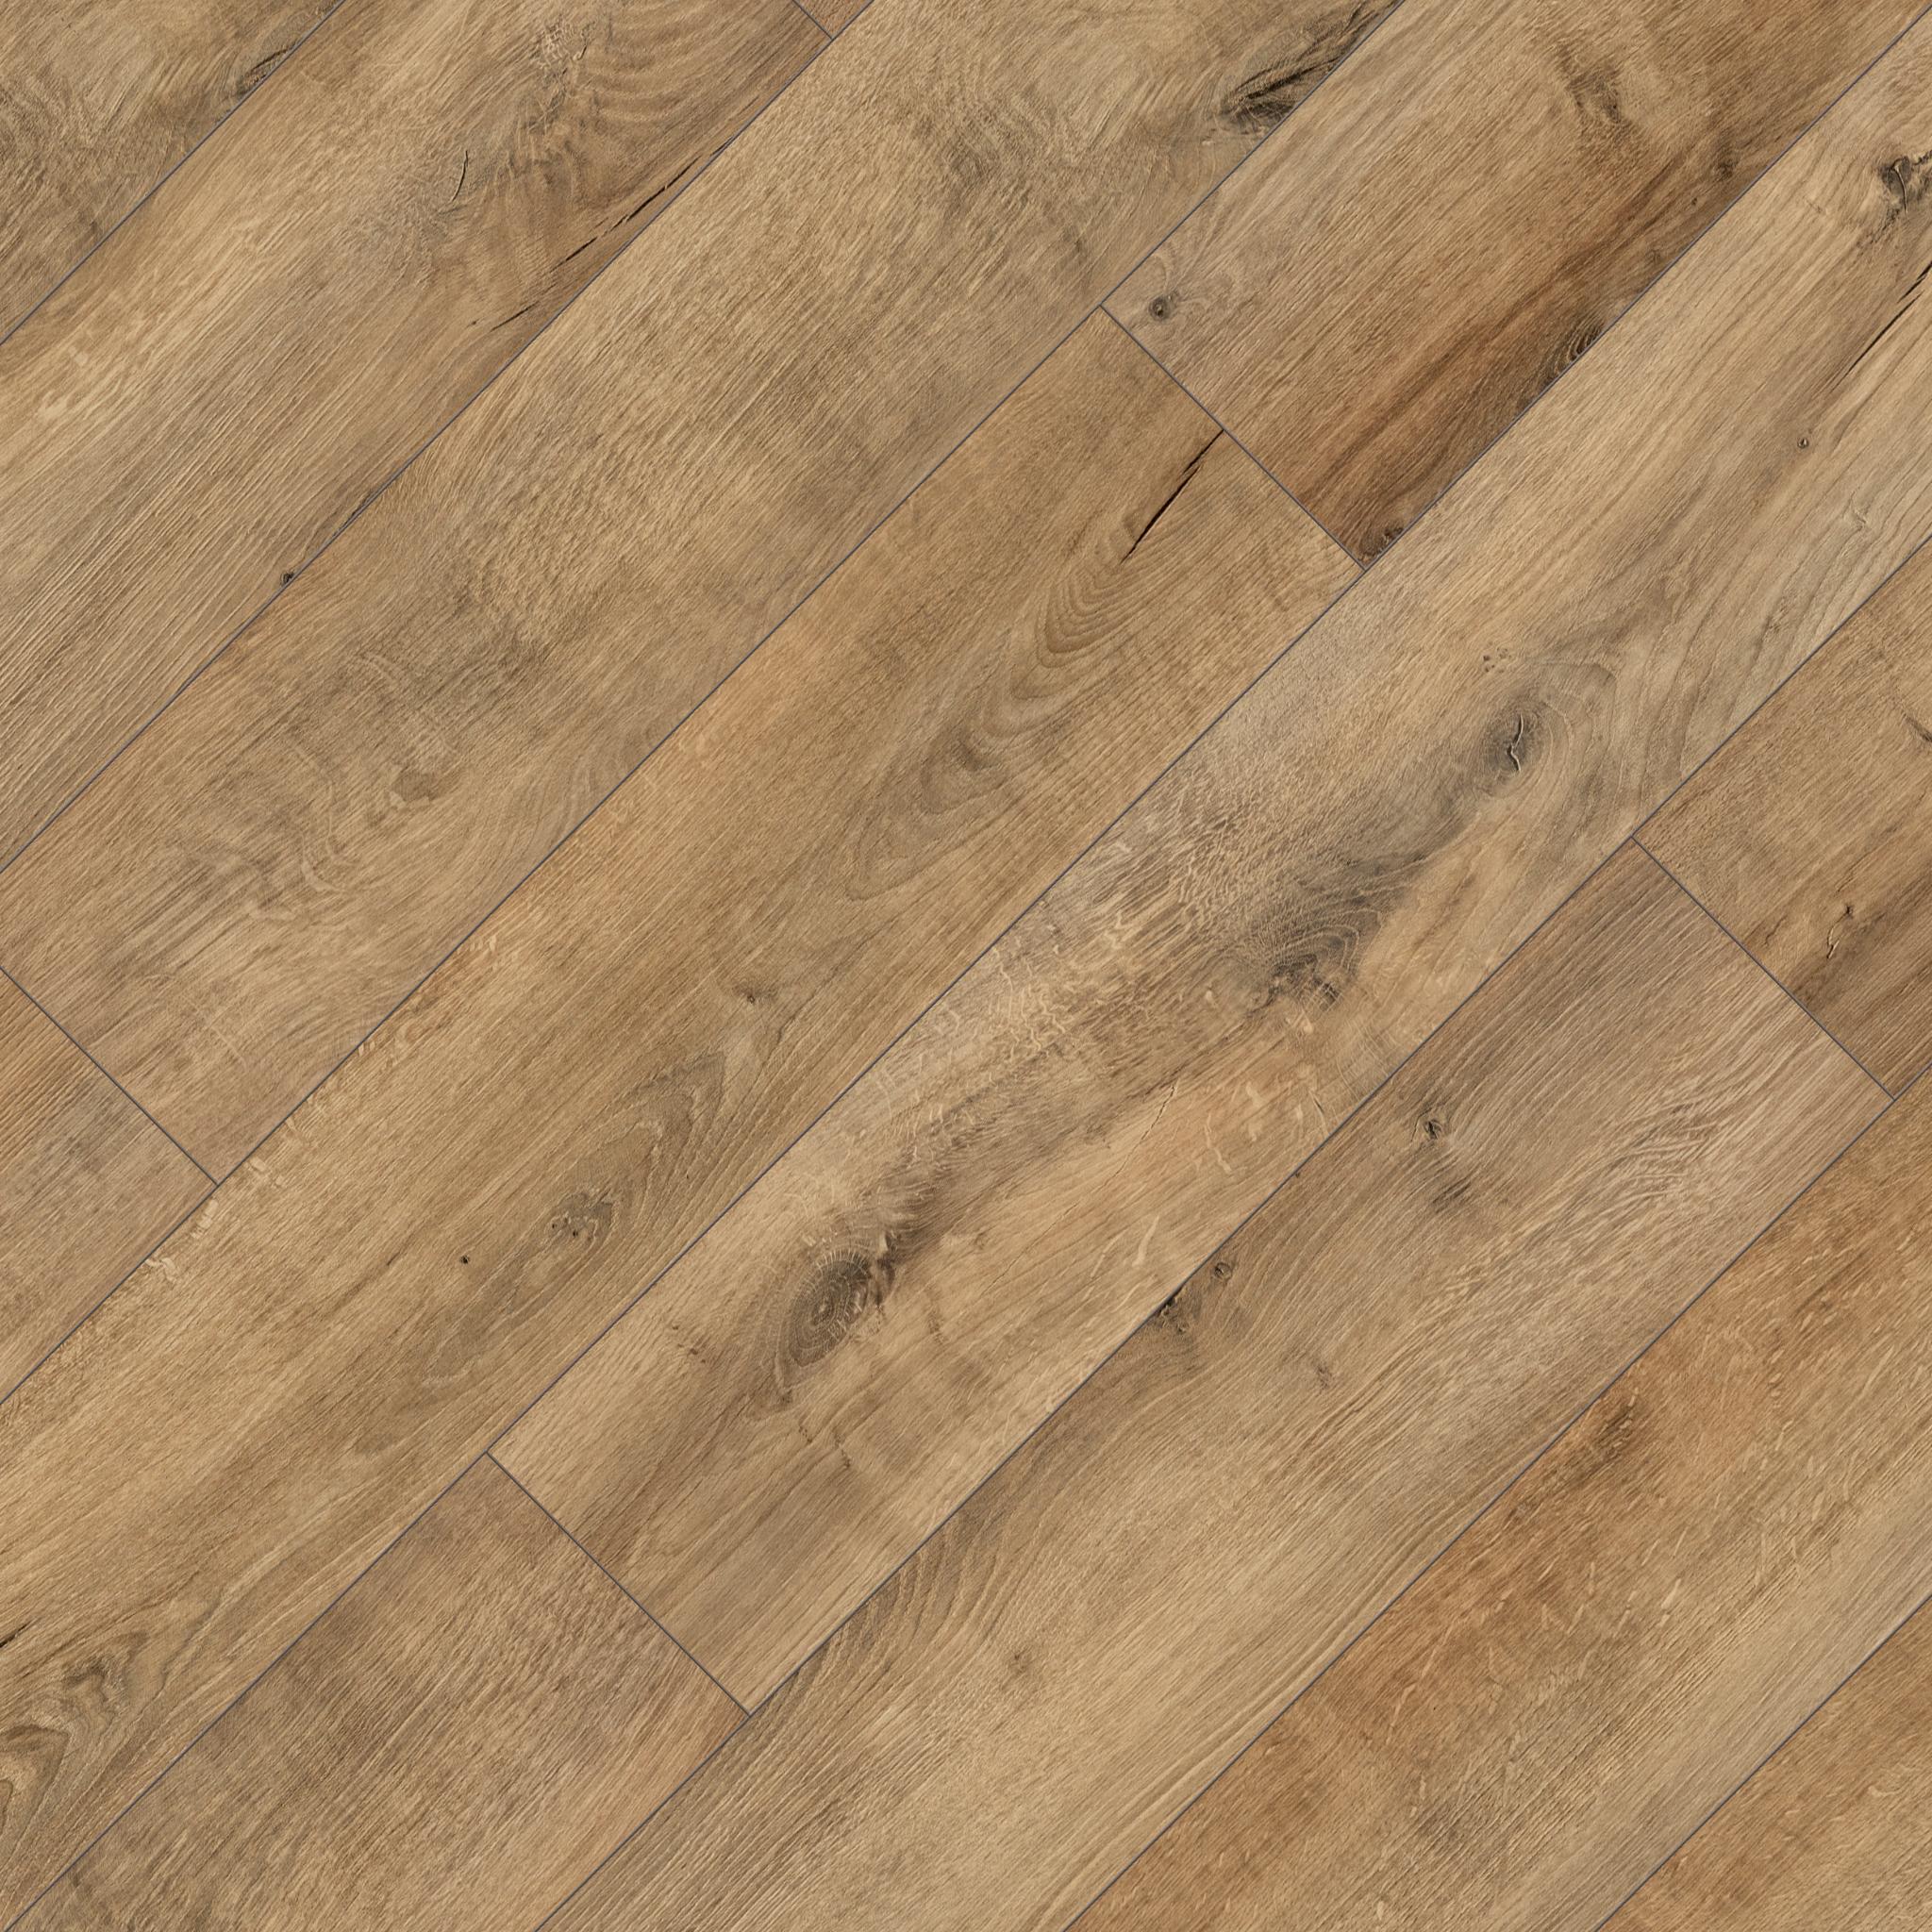 Wiparquet Eco Aqua Oak natural grey